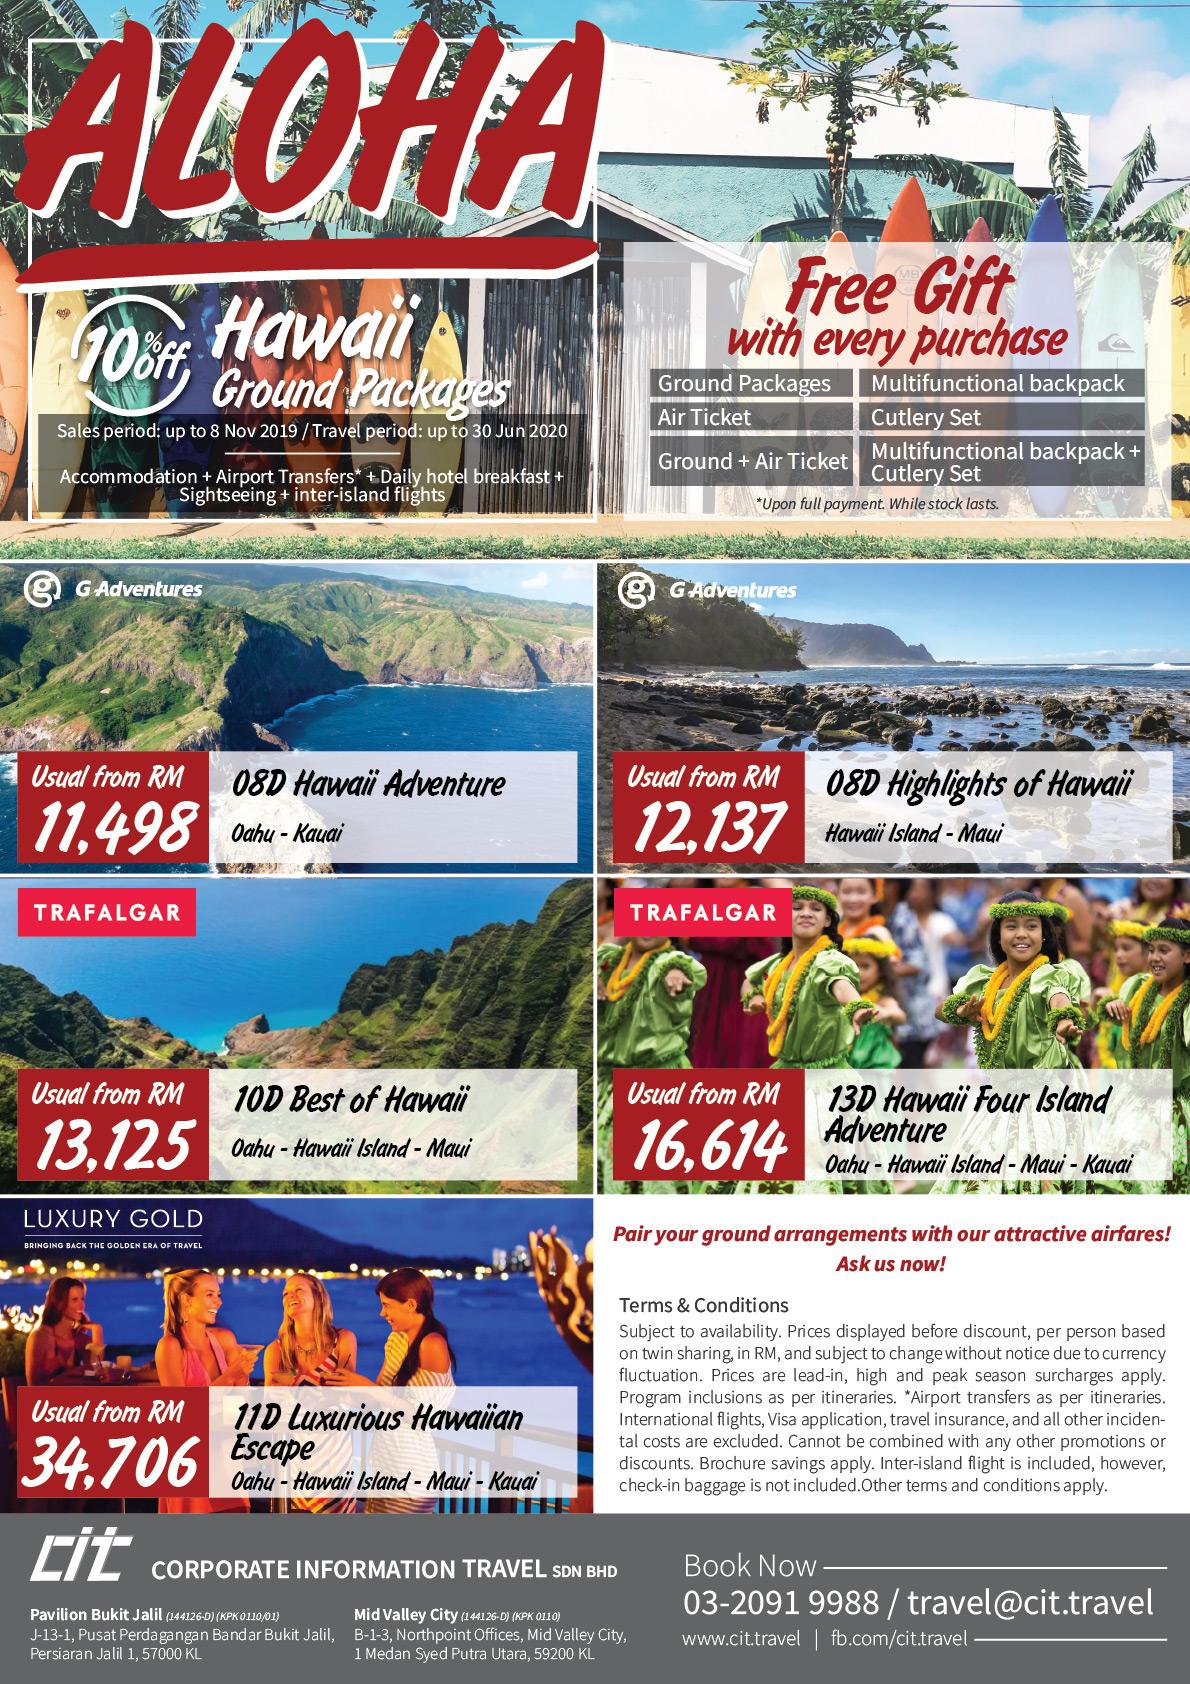 Hawaii Fiesta, Sunway Velocity Hawaii Flyer